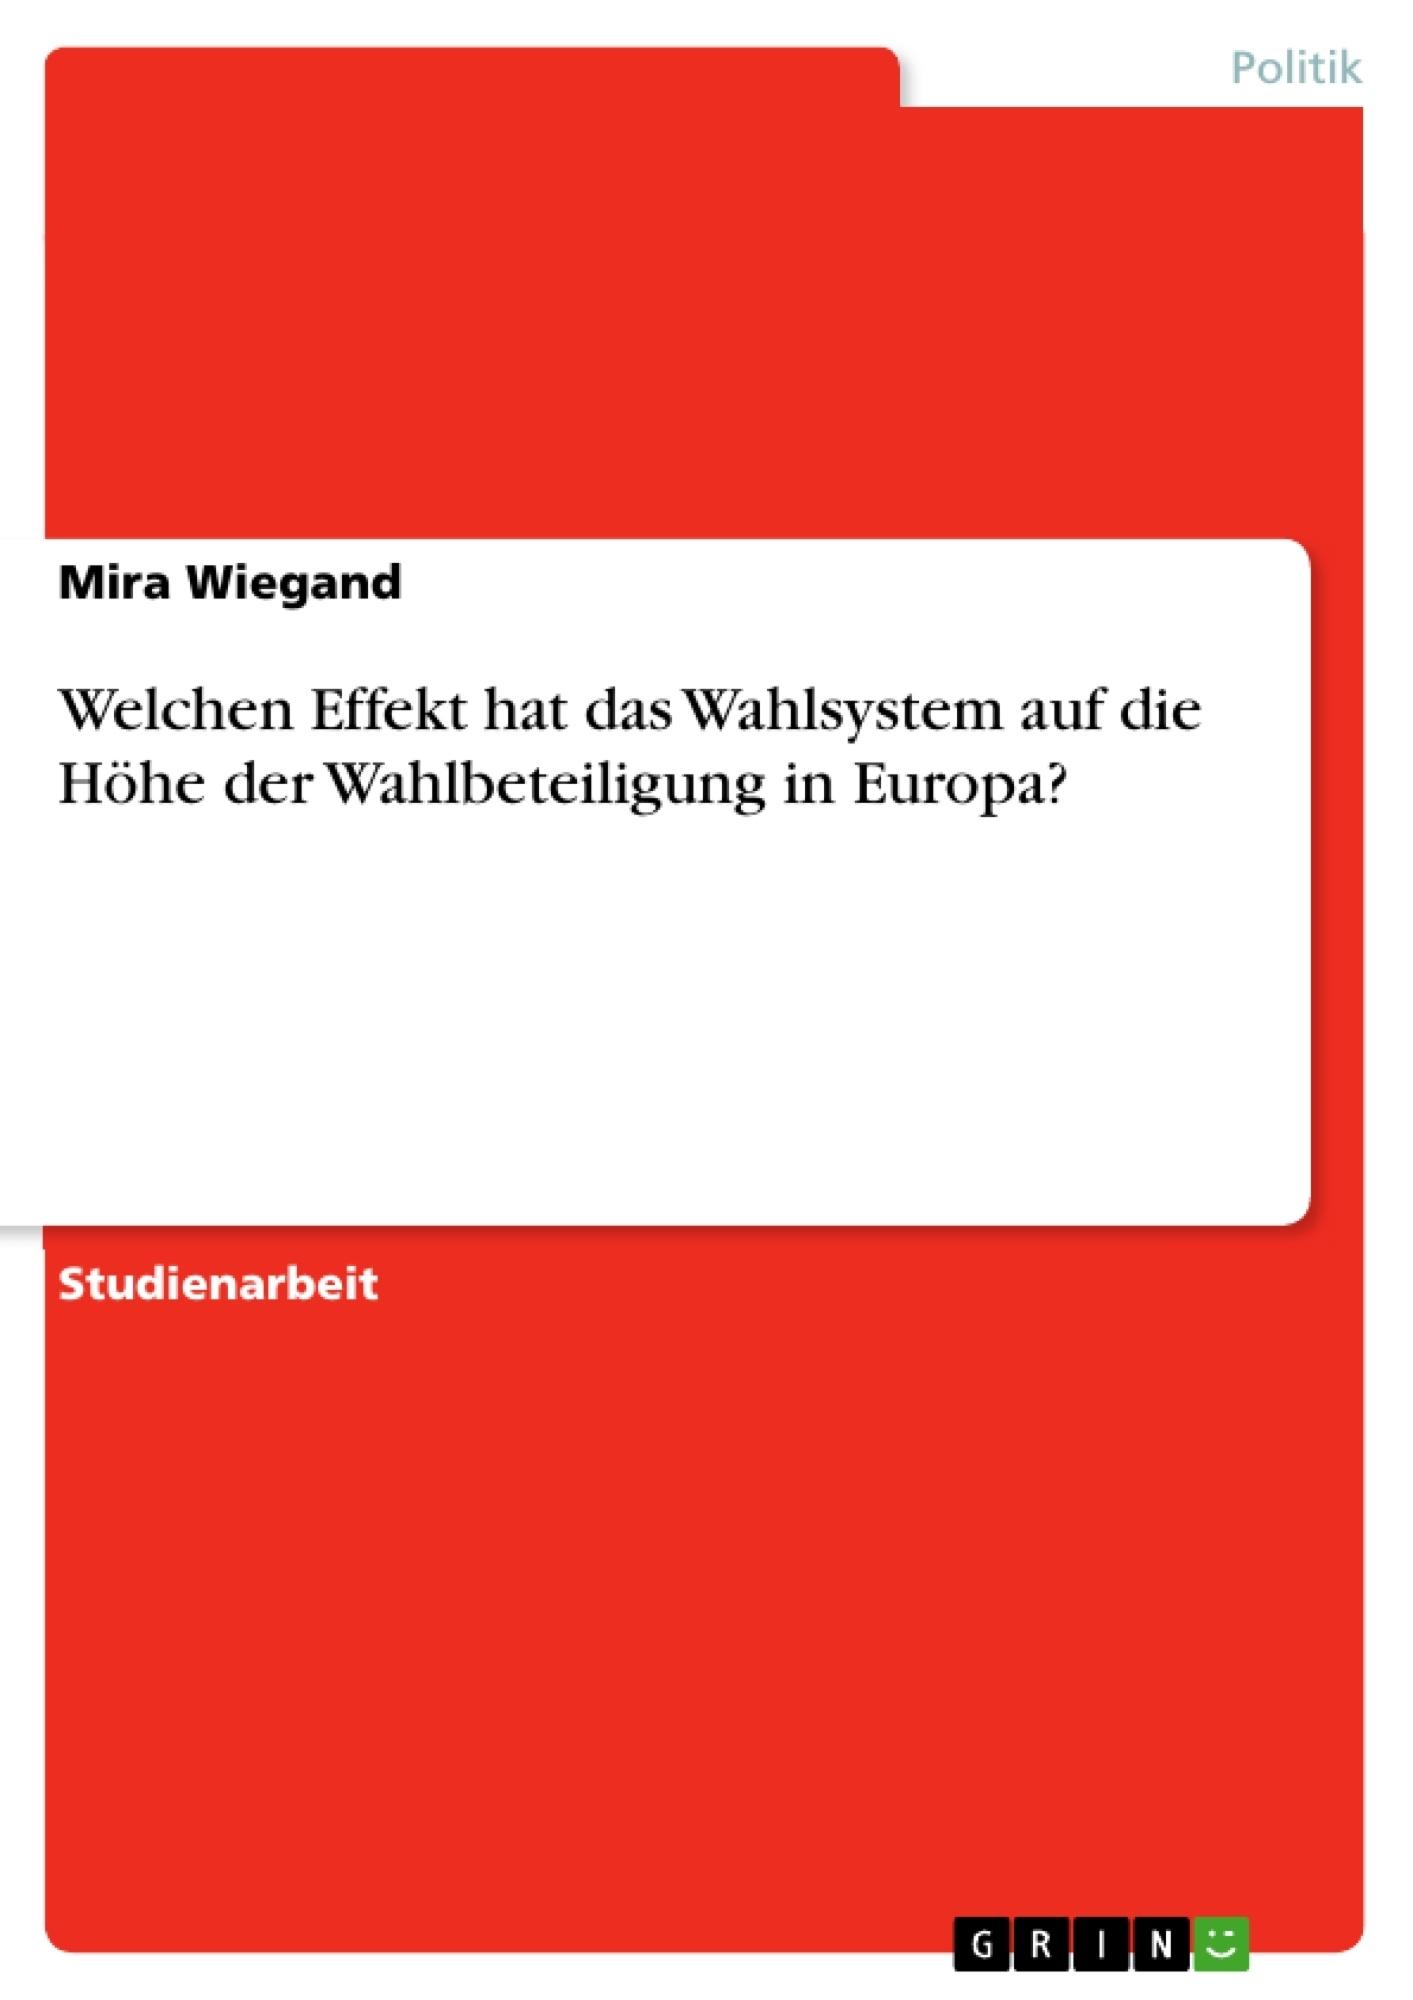 Titel: Welchen Effekt hat das Wahlsystem auf die Höhe der Wahlbeteiligung in Europa?